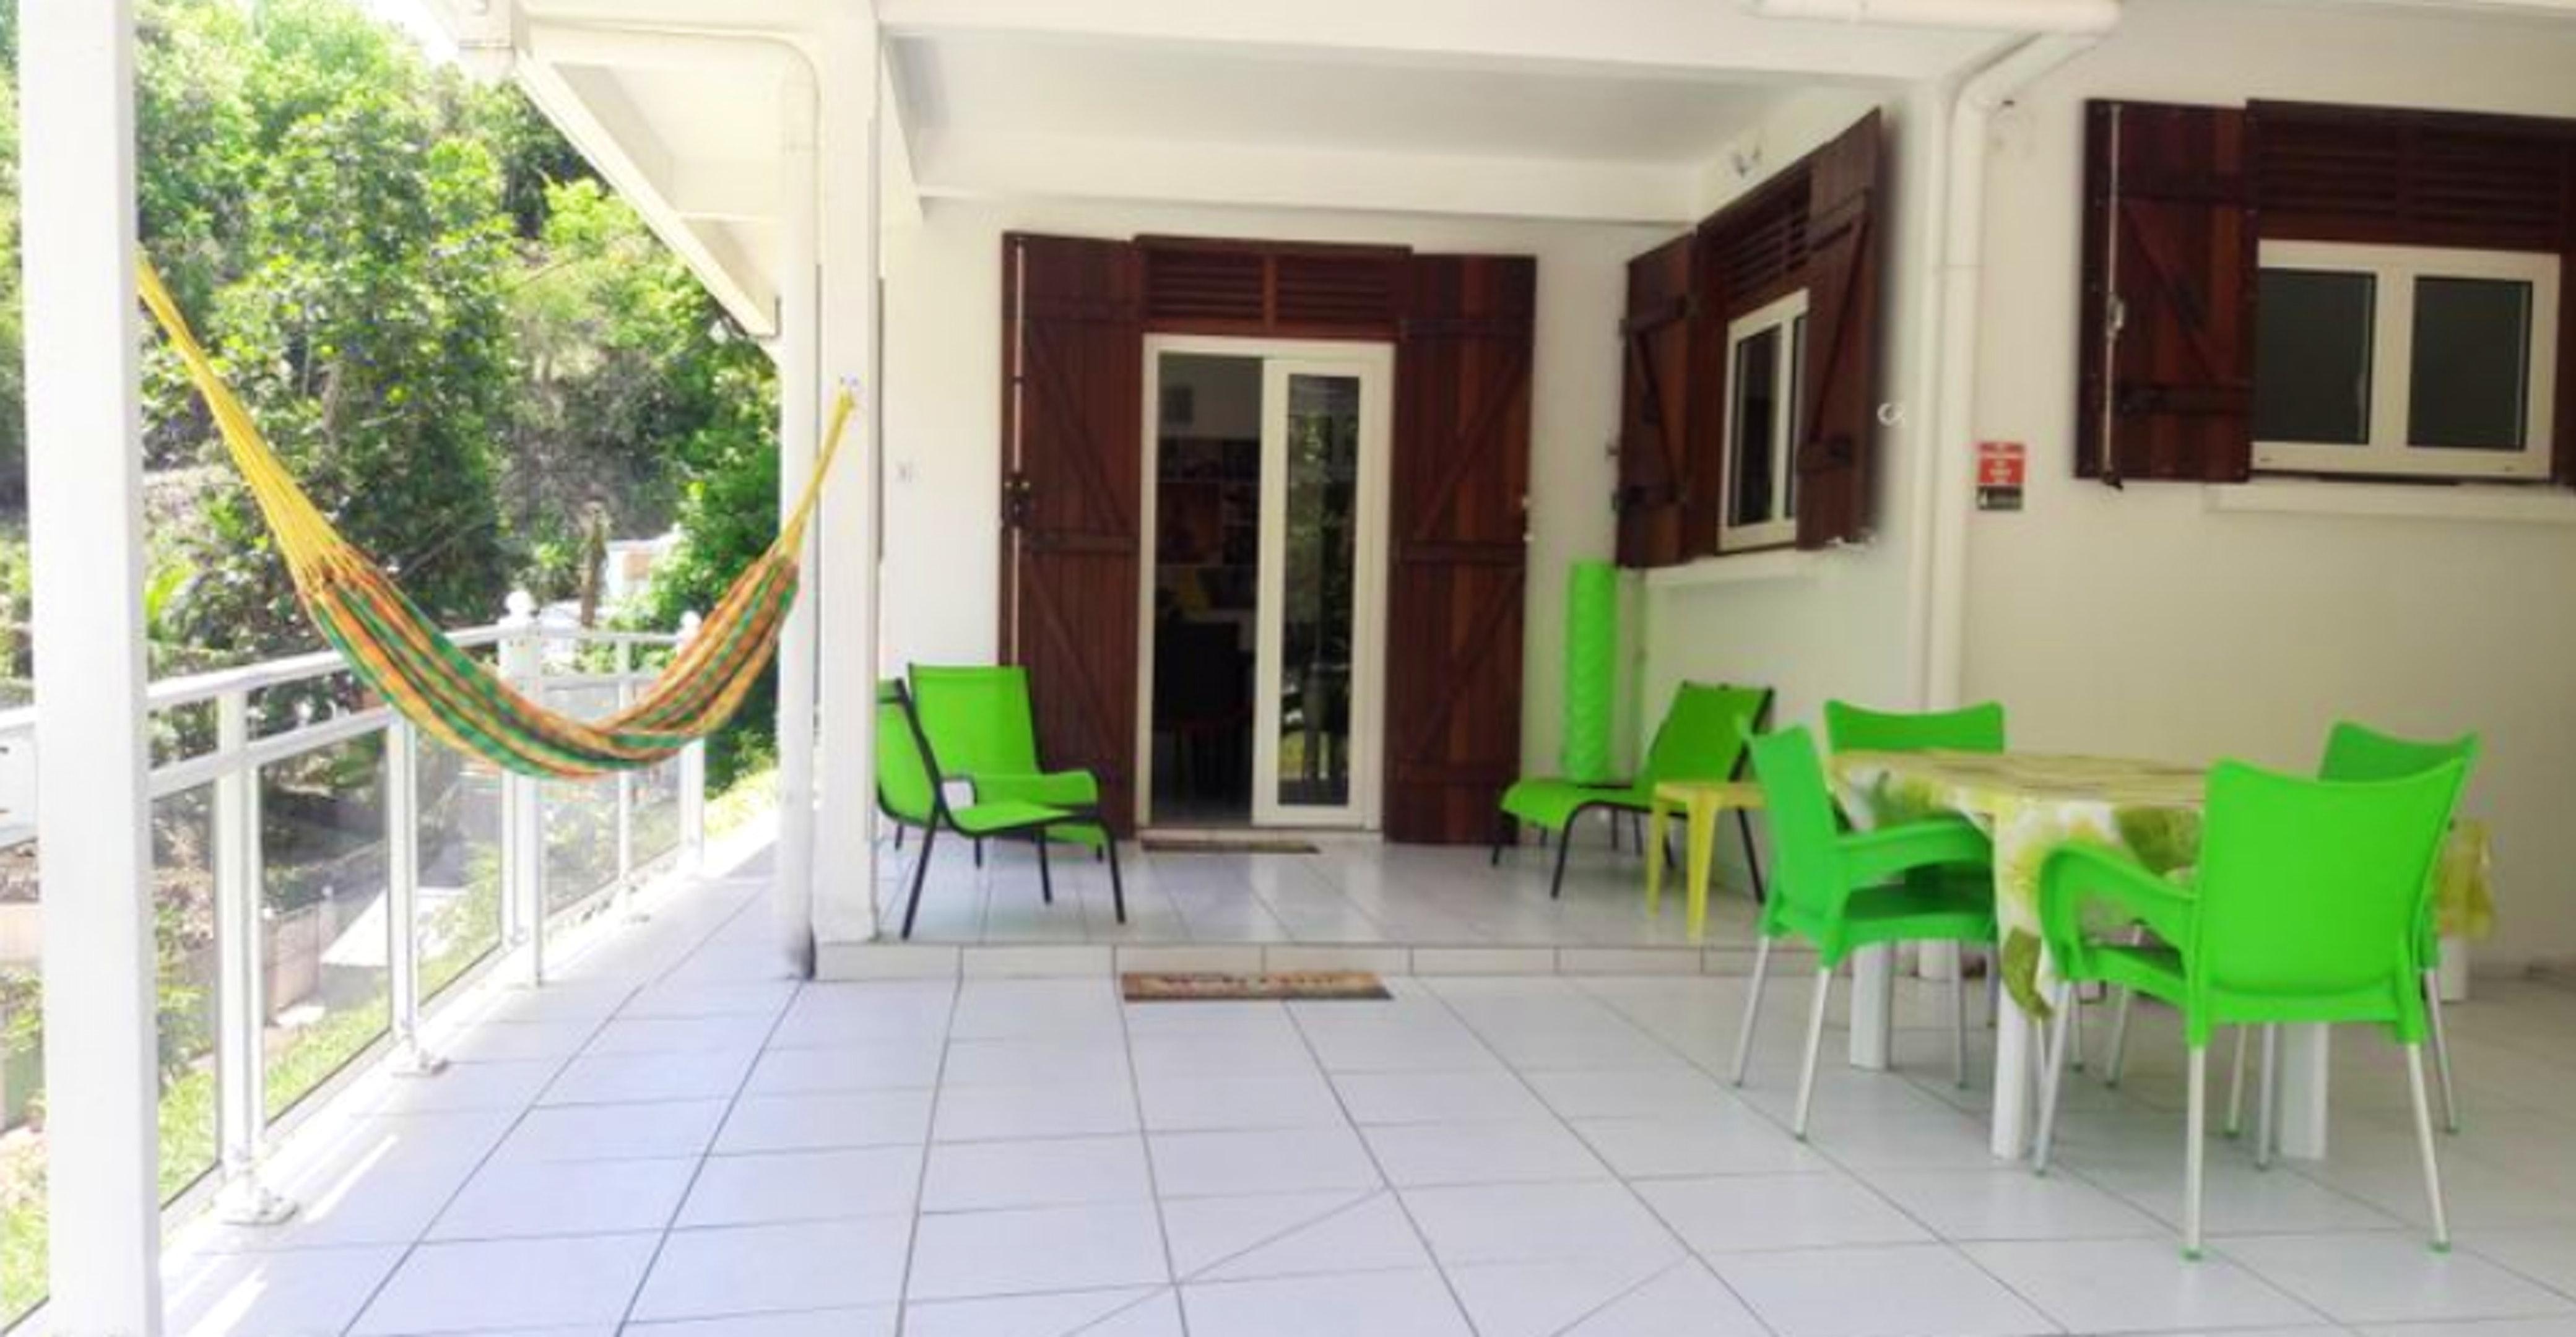 Haus mit 2 Schlafzimmern in Le Gosier mit möb Ferienhaus in Guadeloupe